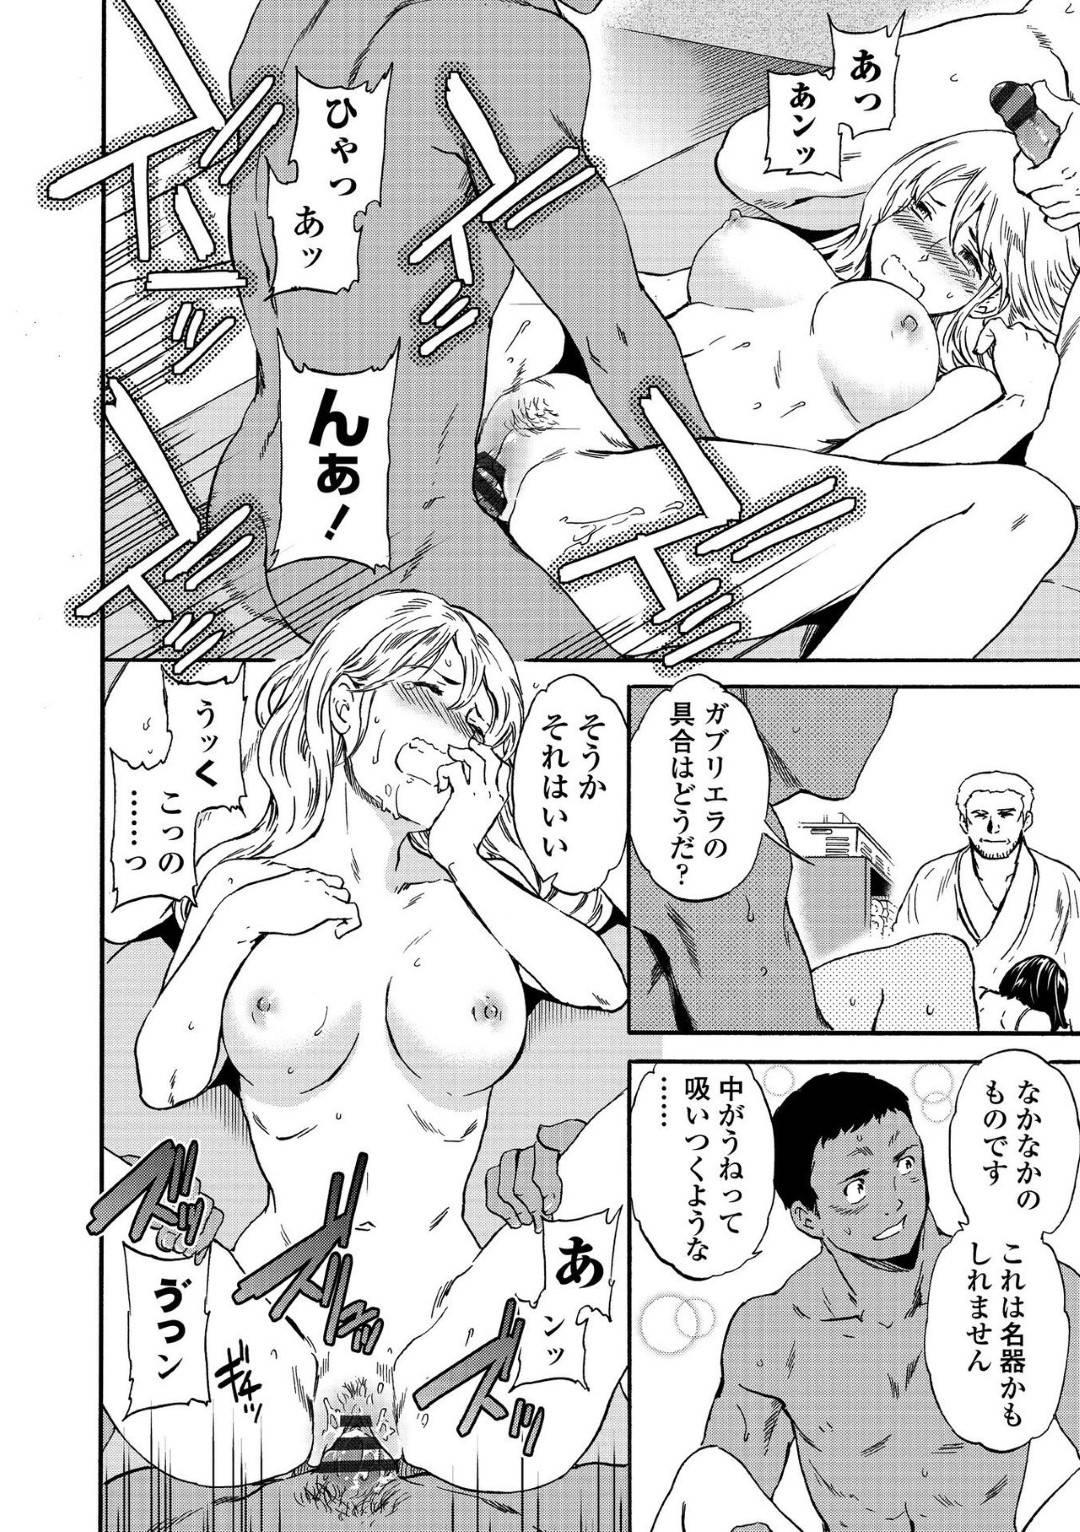 【エロ漫画】立派なエージェントになるために房中術を学ぶことになった女性工作員2名…さっそく複数プレイが始まるが1人は処女!まずはセックスに慣れるためにチンポを挿入!しかし快楽に負けて2人とも絶頂!【Cuvie】